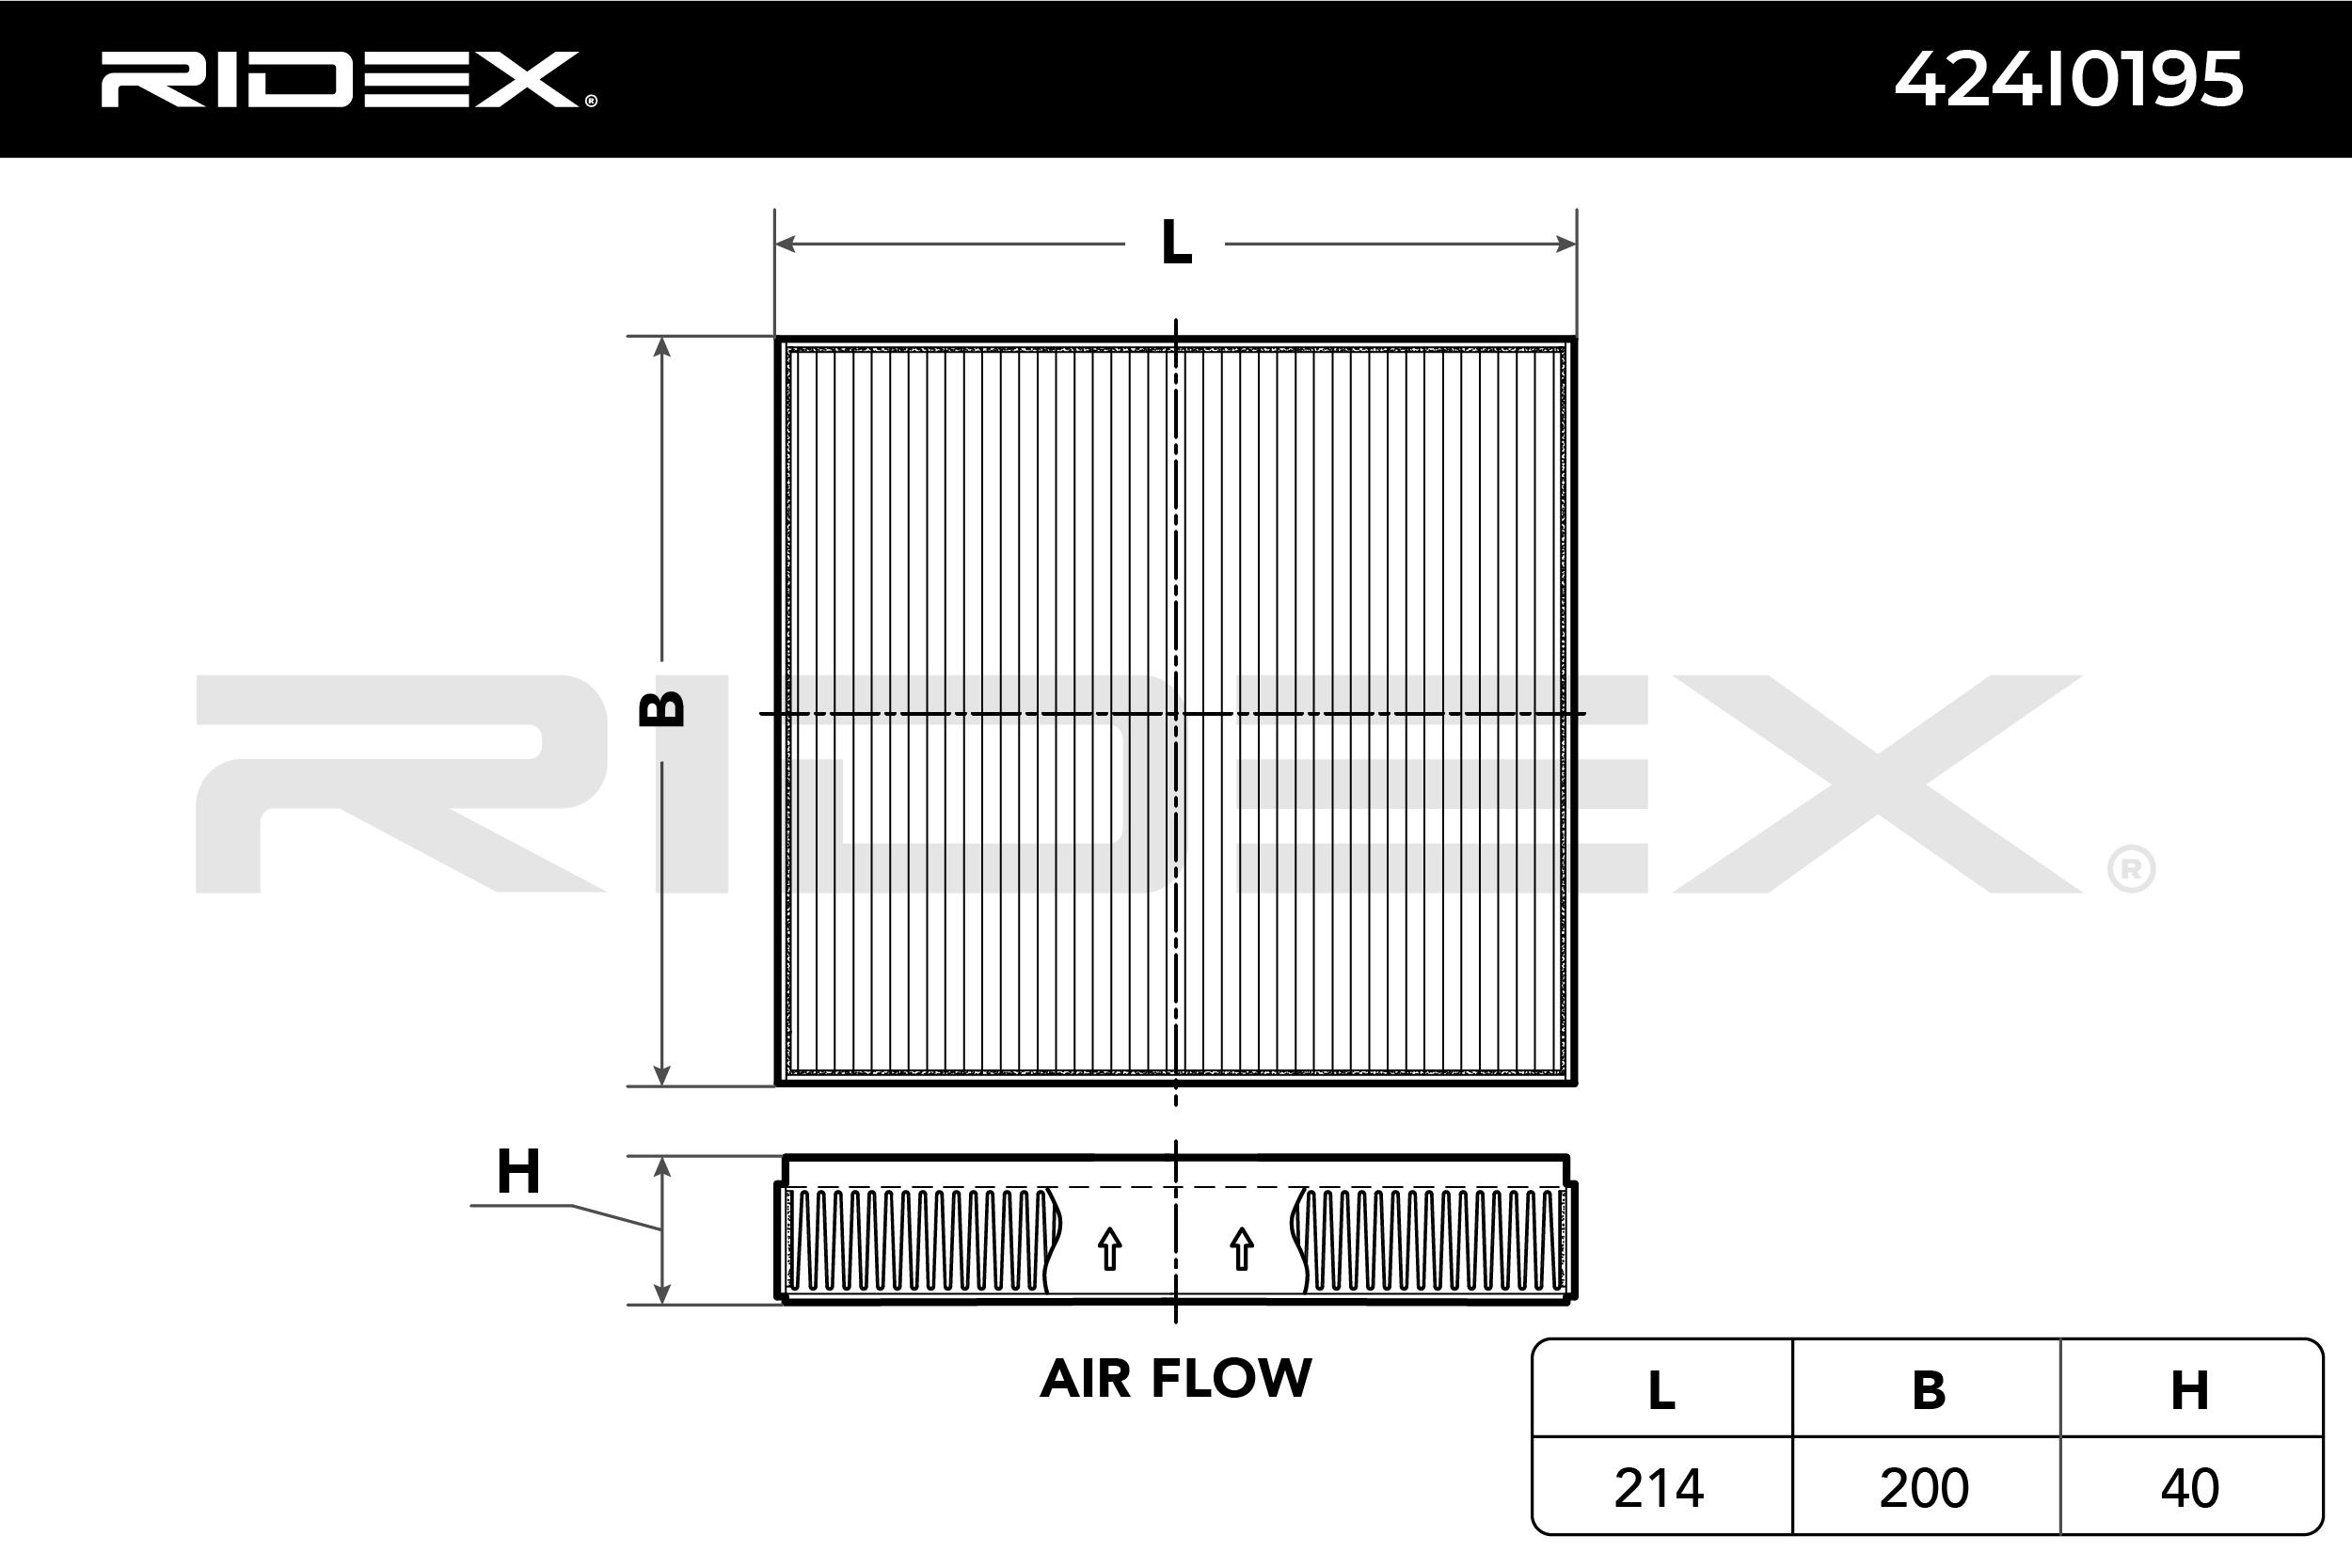 Buy original Air conditioning RIDEX 424I0195